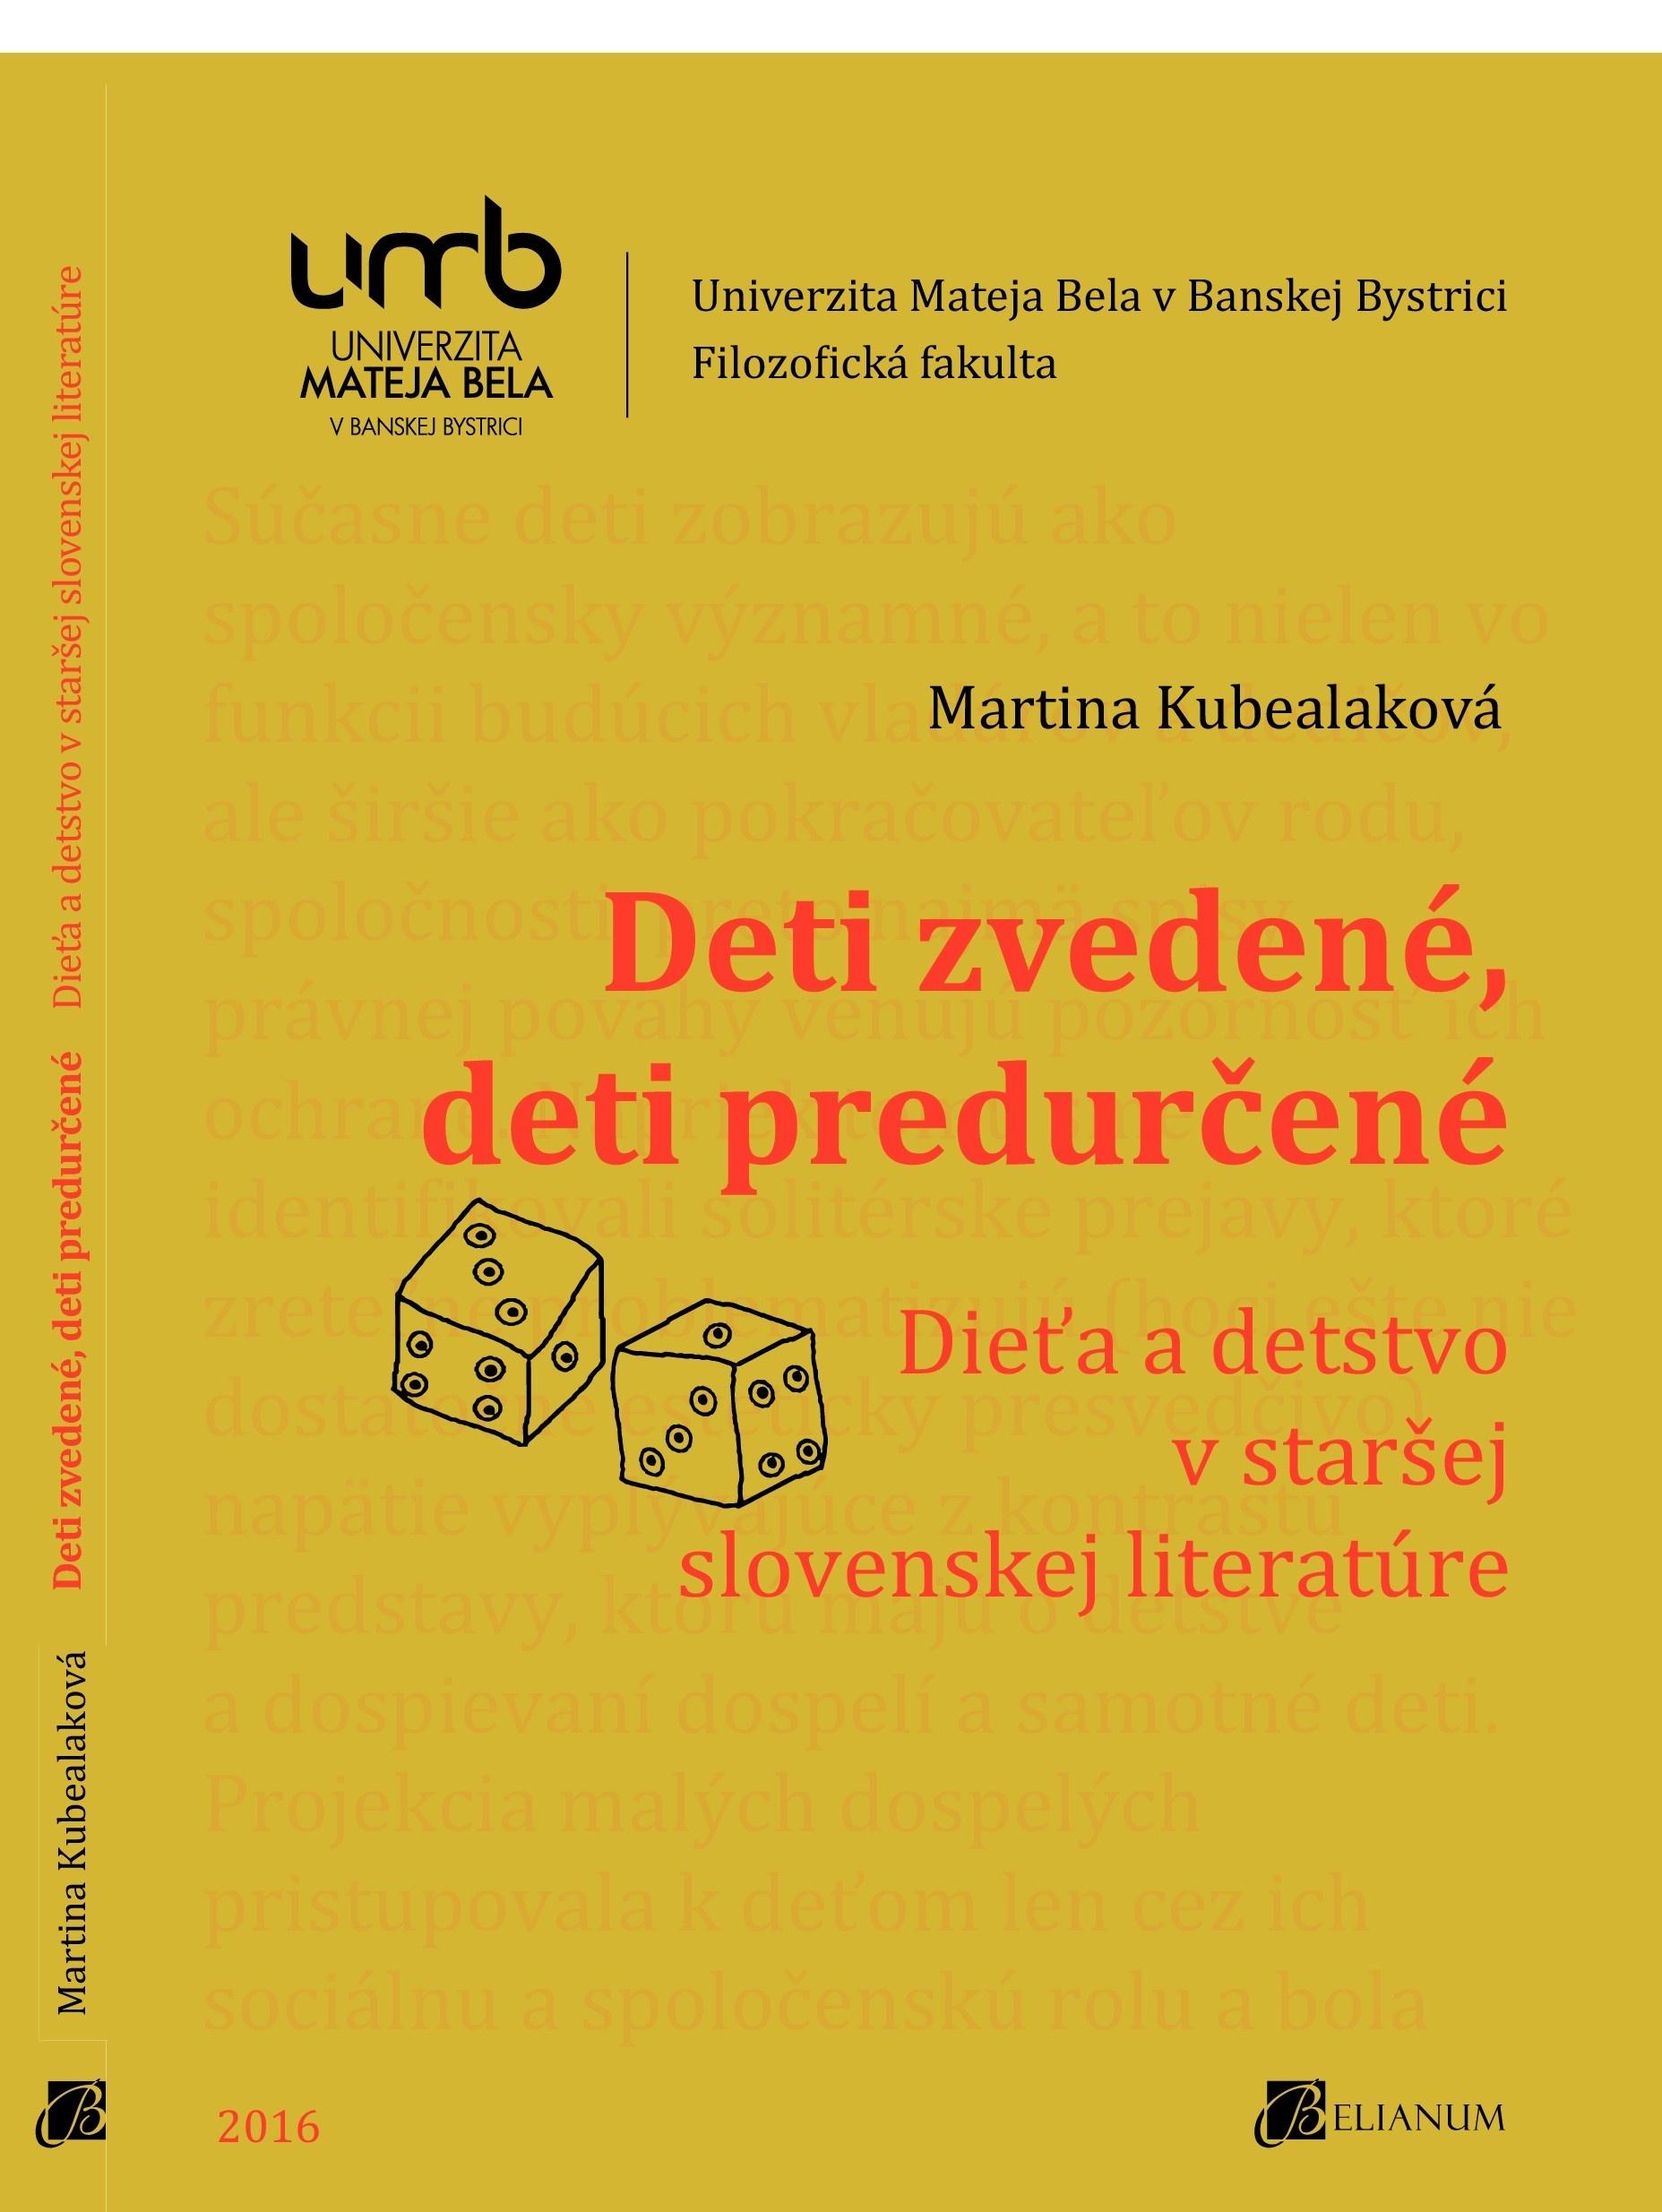 Deti zvedené, deti predurčené: Dieťa a detstvo v staršej slovenskej literatúre